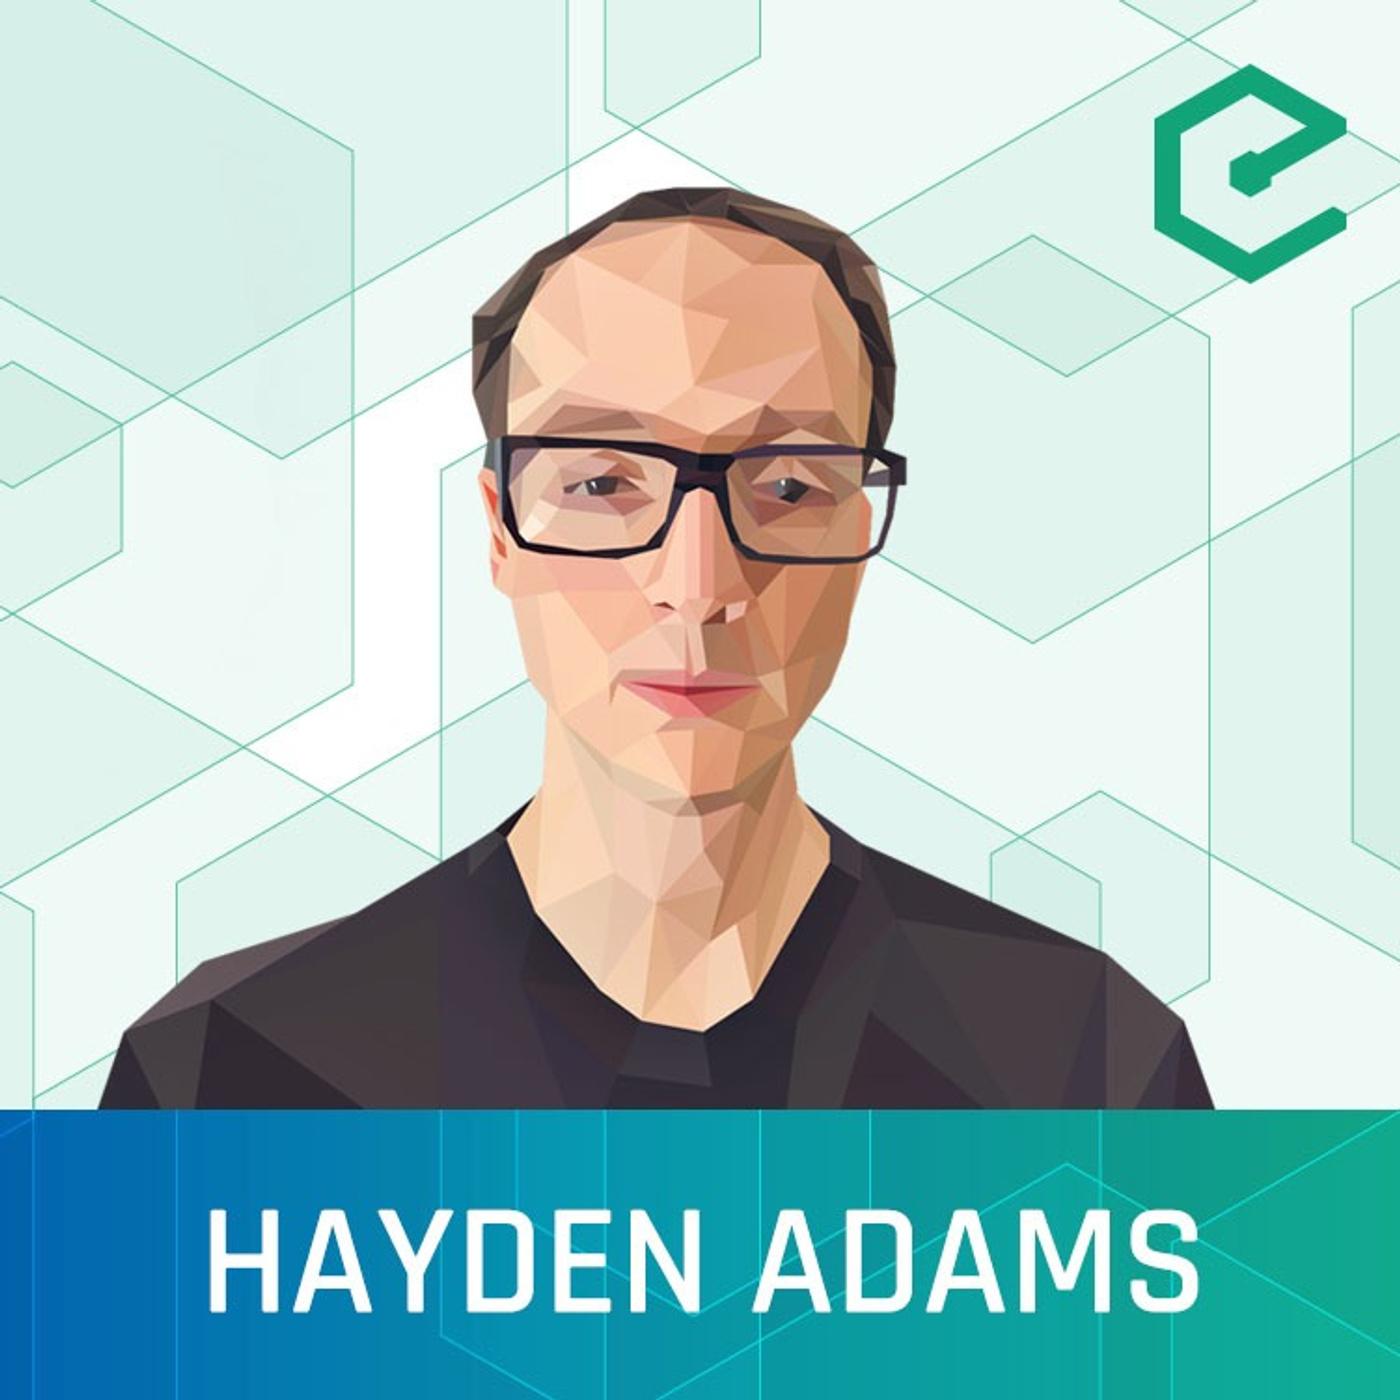 Hayden Adams: Uniswap – An Automated Decentralized Exchange for Ethereum